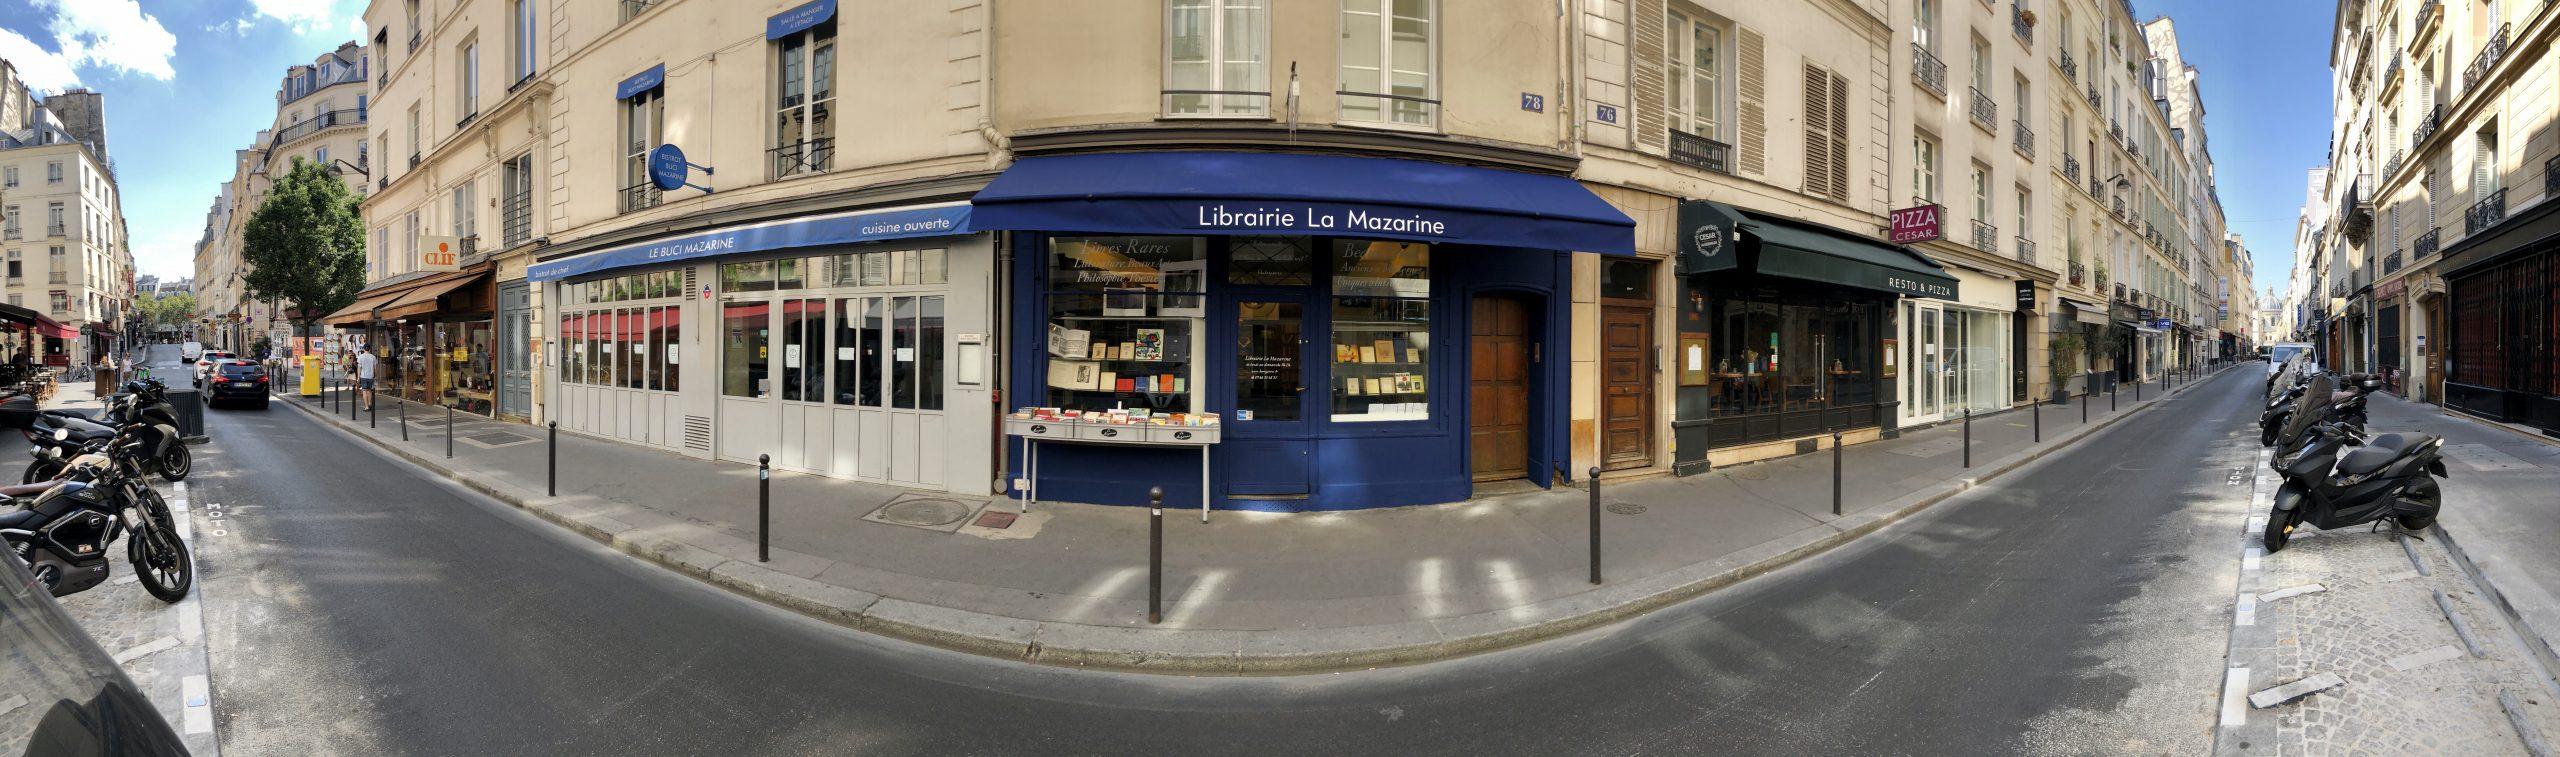 Rue Mazarine librairie devanture facade vitrine